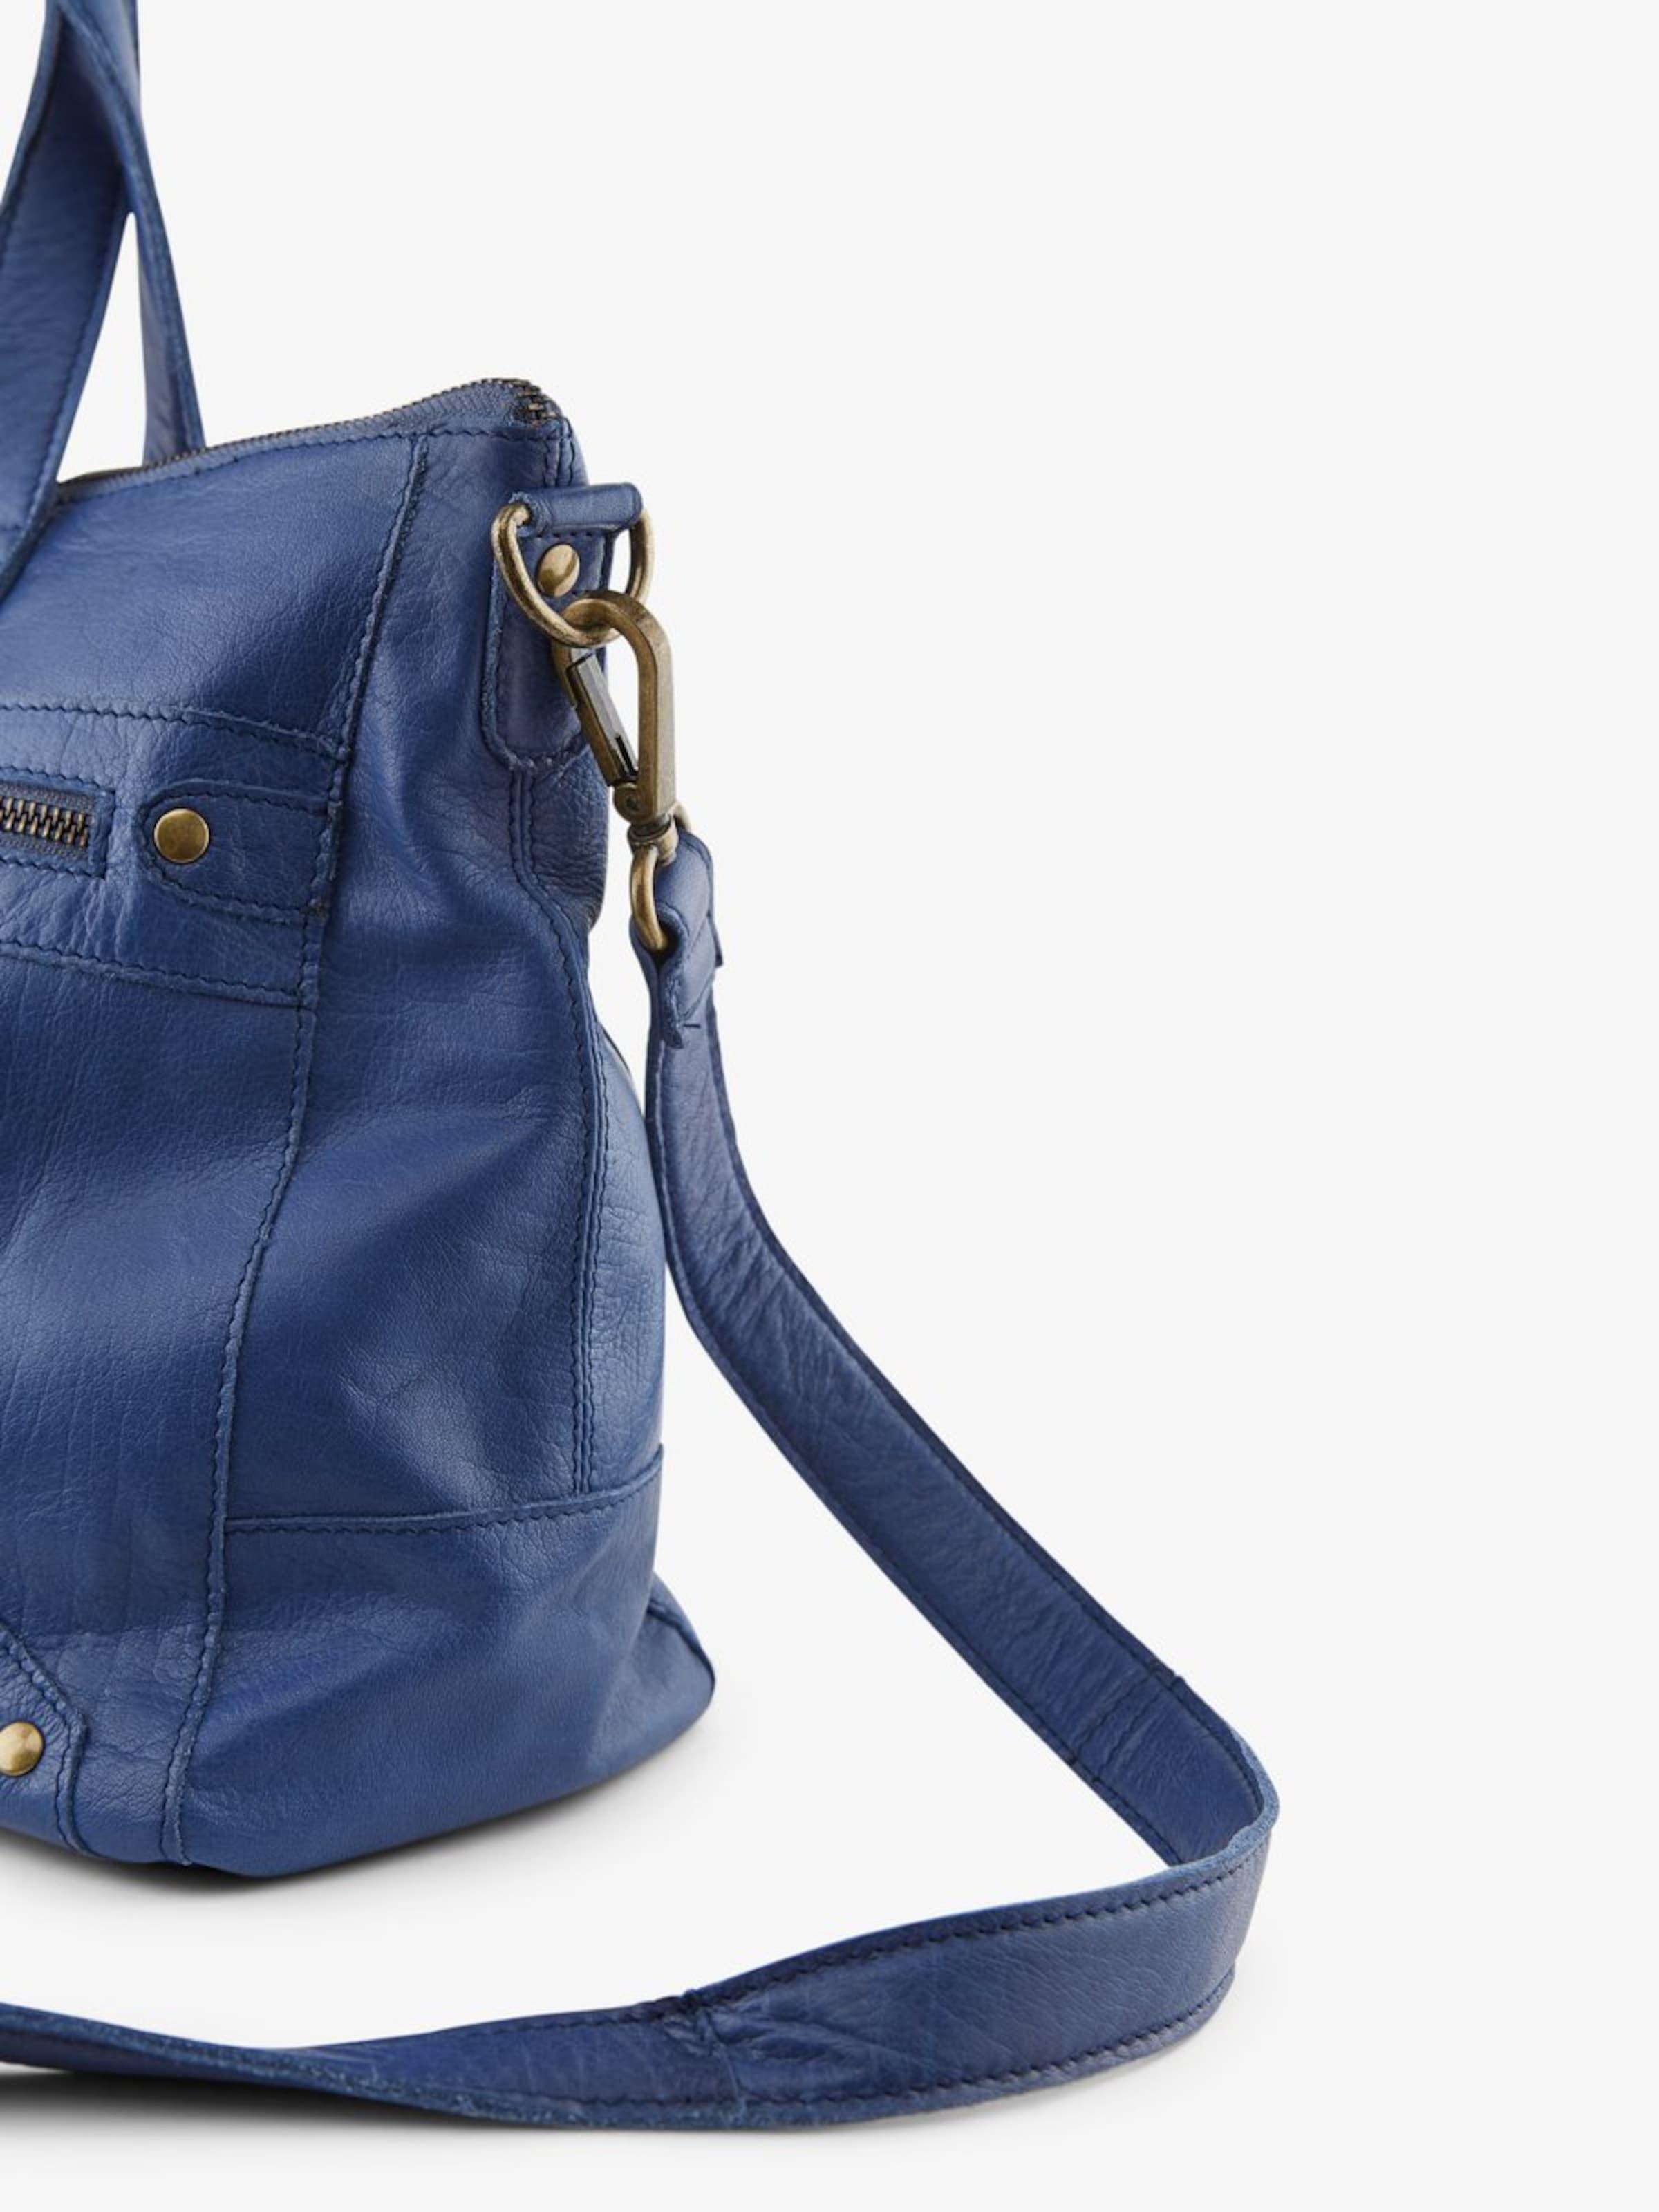 Pieces Tasche Tasche In In Pieces Blau Blau rdCxhQBst